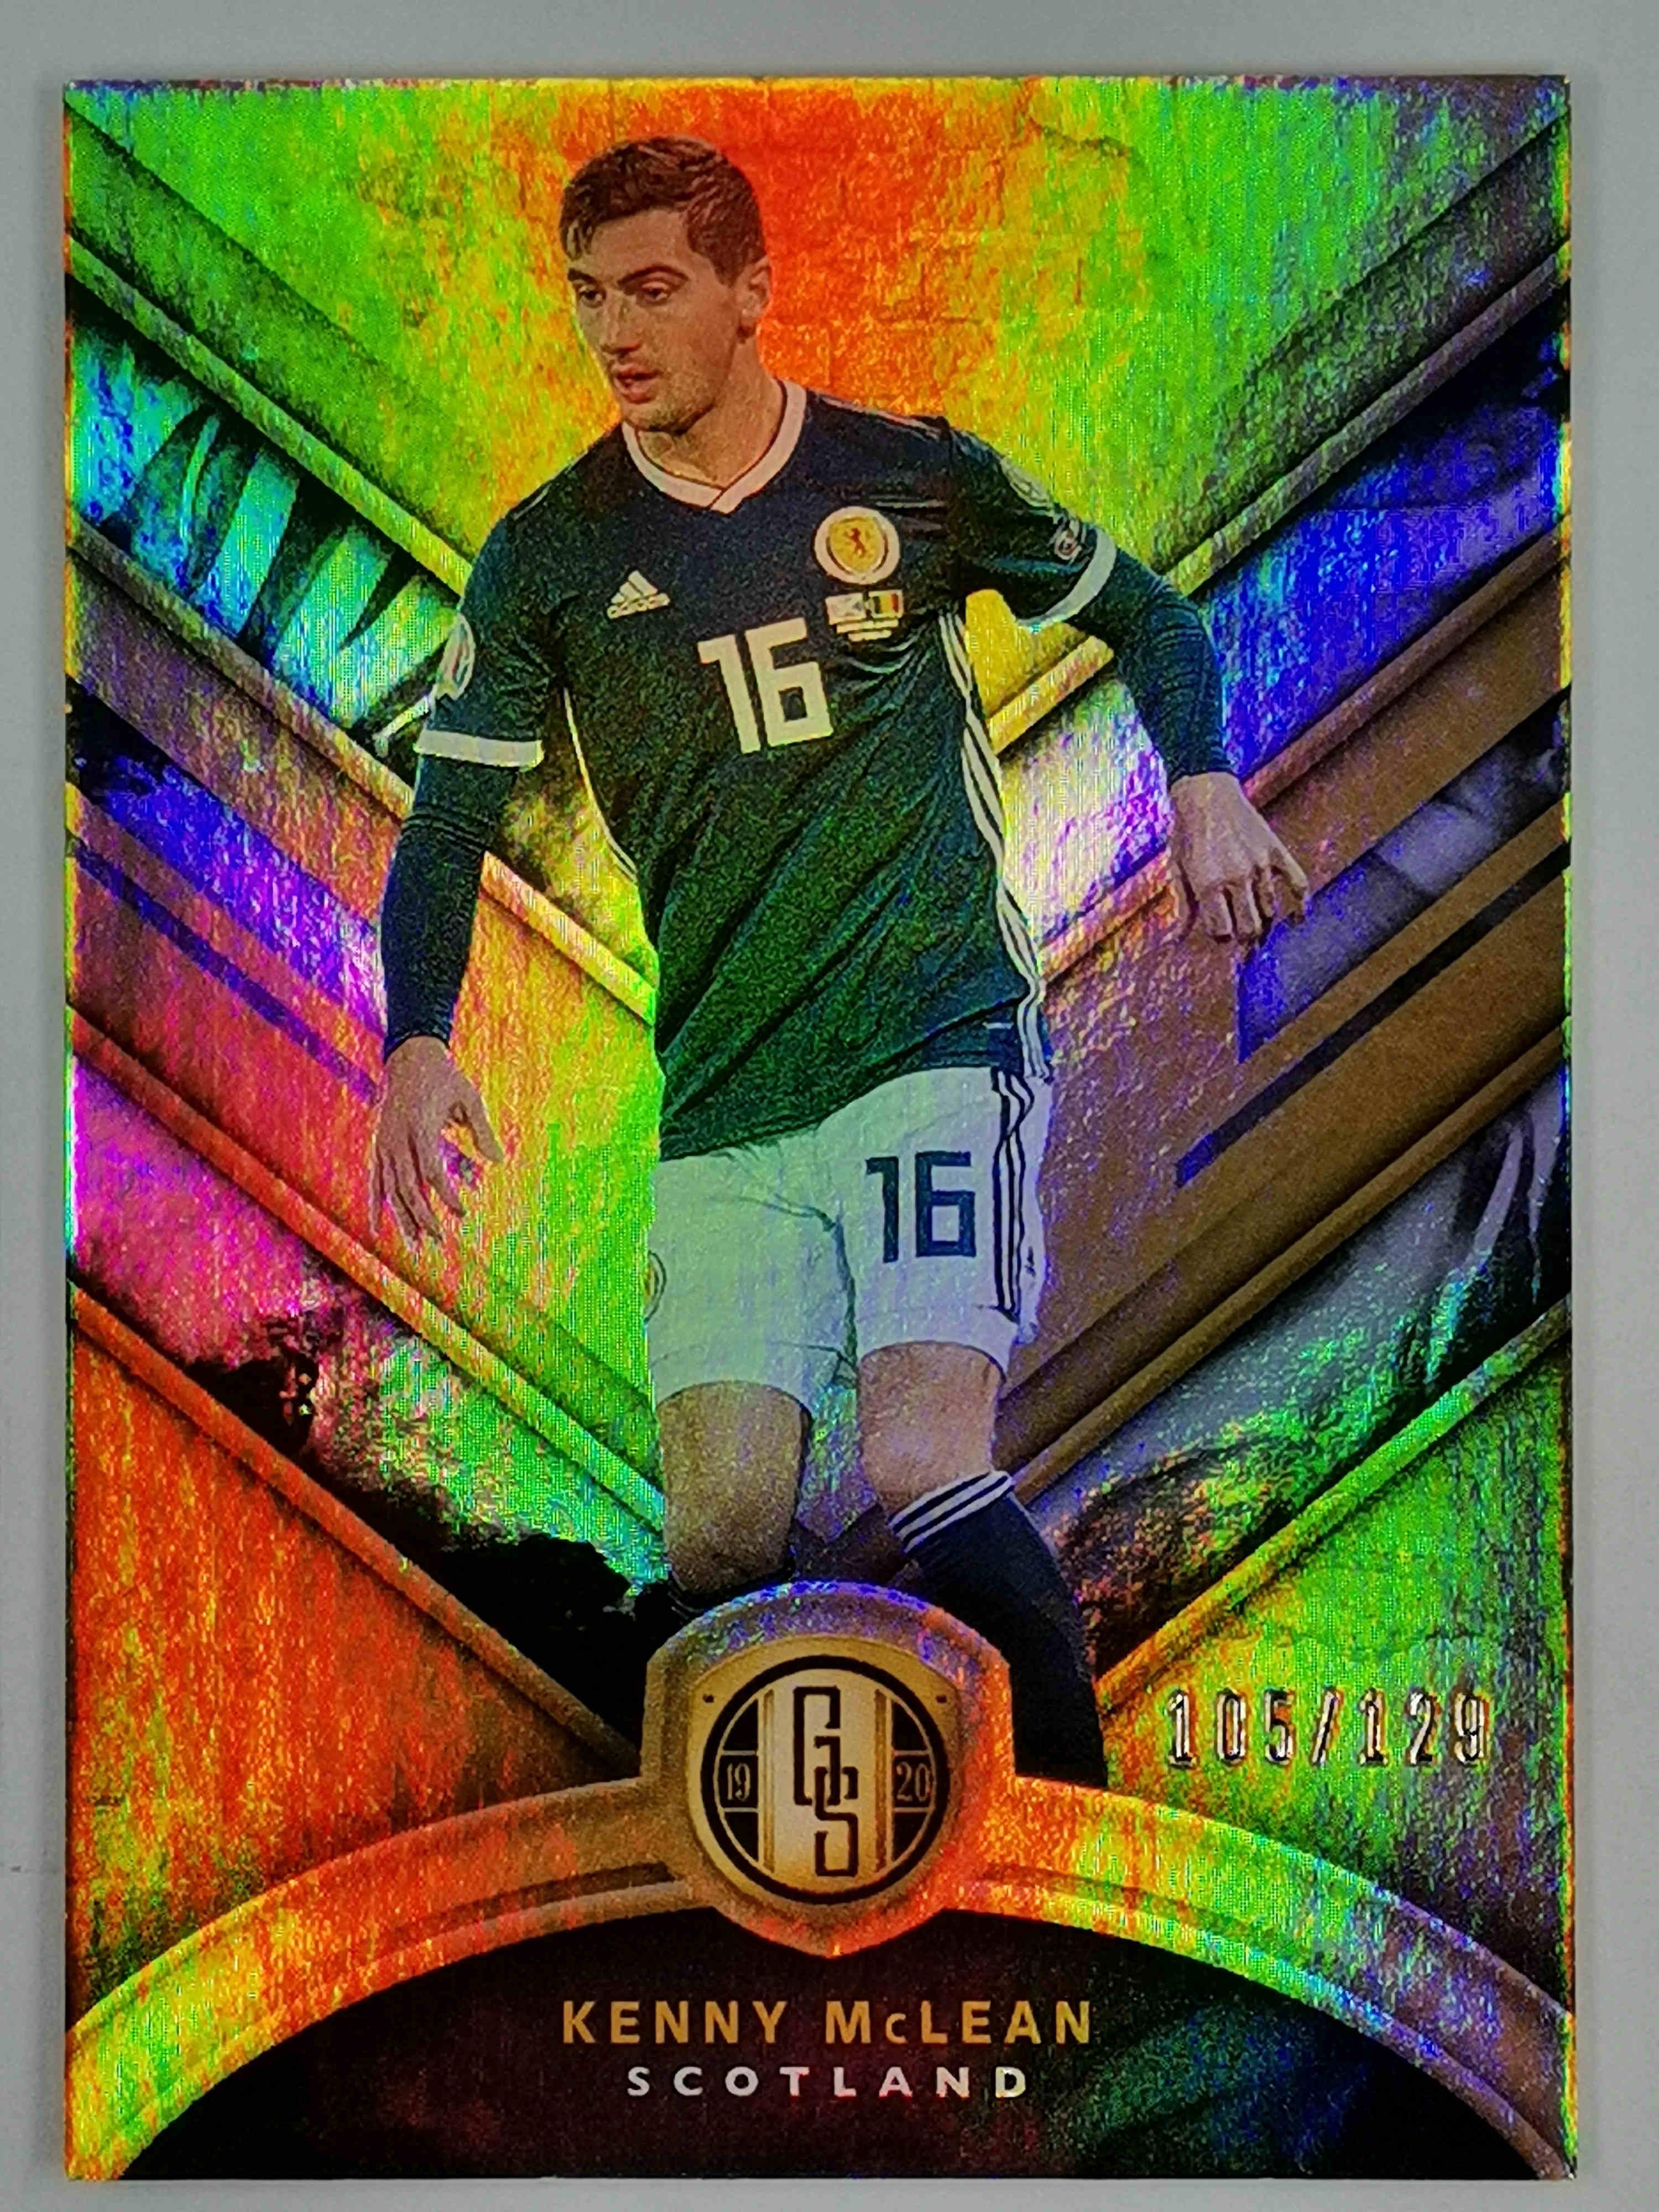 【普拉蒂尼】2019 Panini 金砖 球星卡 肯尼斯·麦克莱恩 Kenny McLean 苏格兰 Base 105/129编 NO.65 普卡